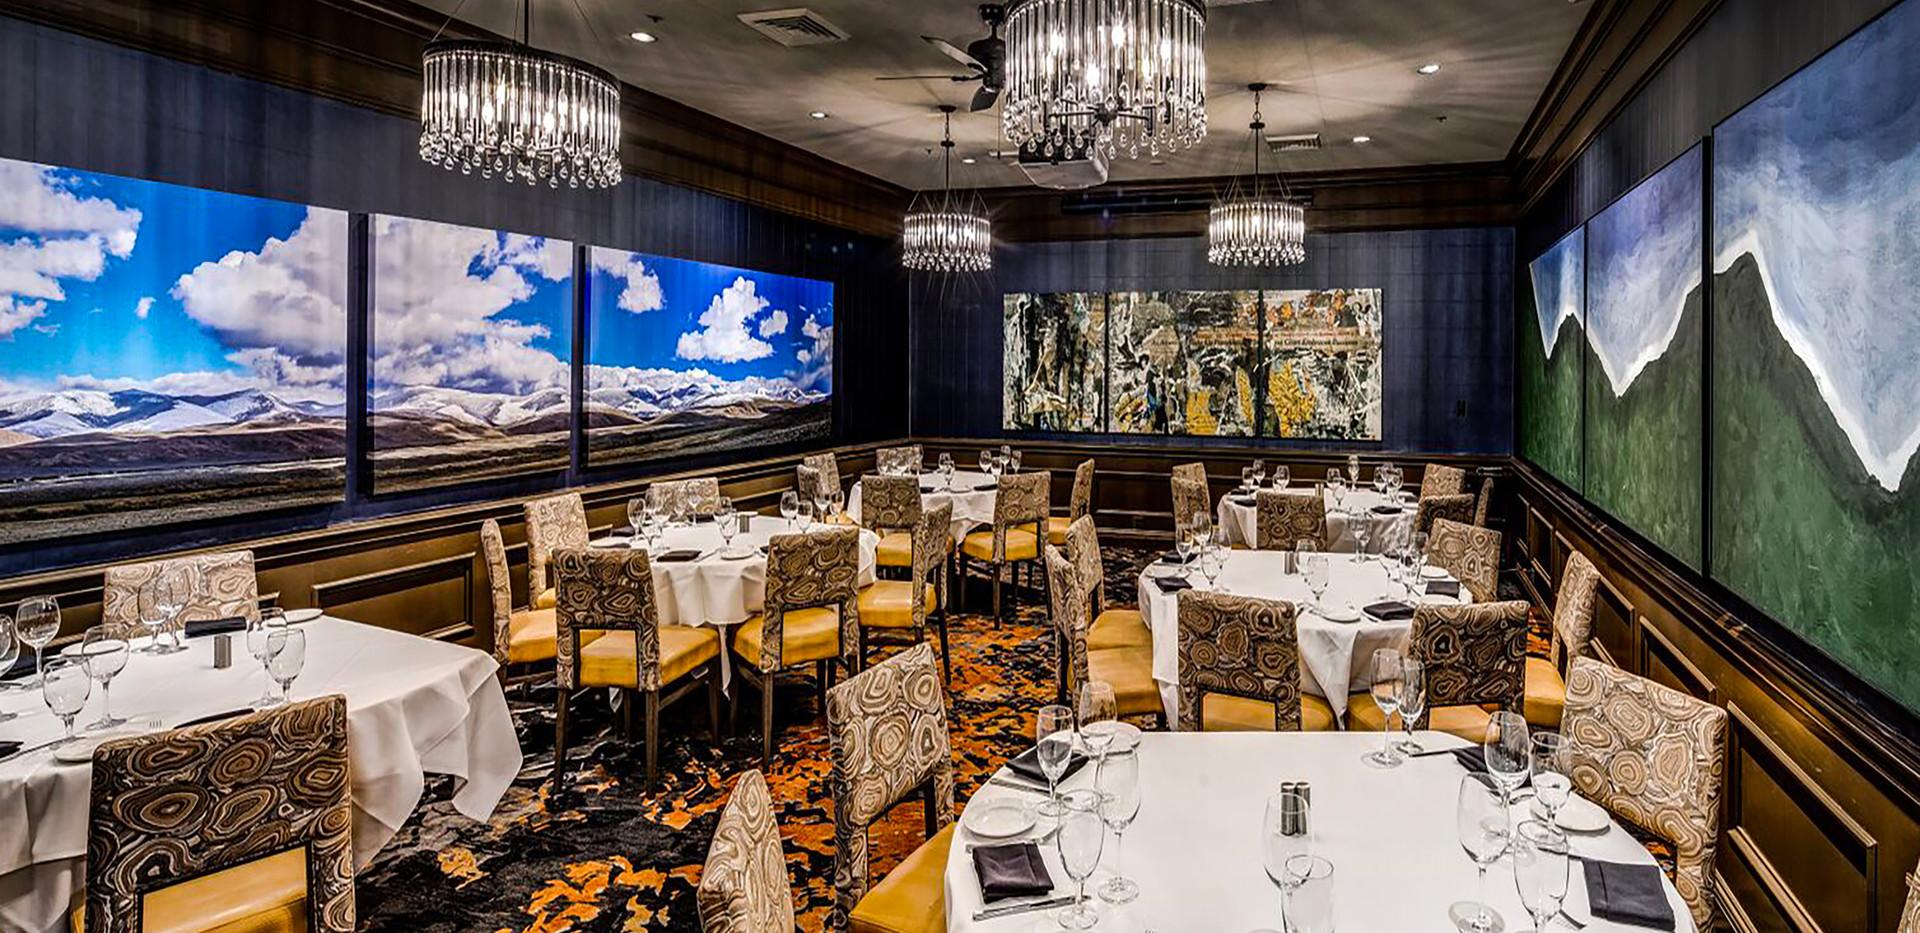 Del Frisco's Double Eagle Steakhouse Denver